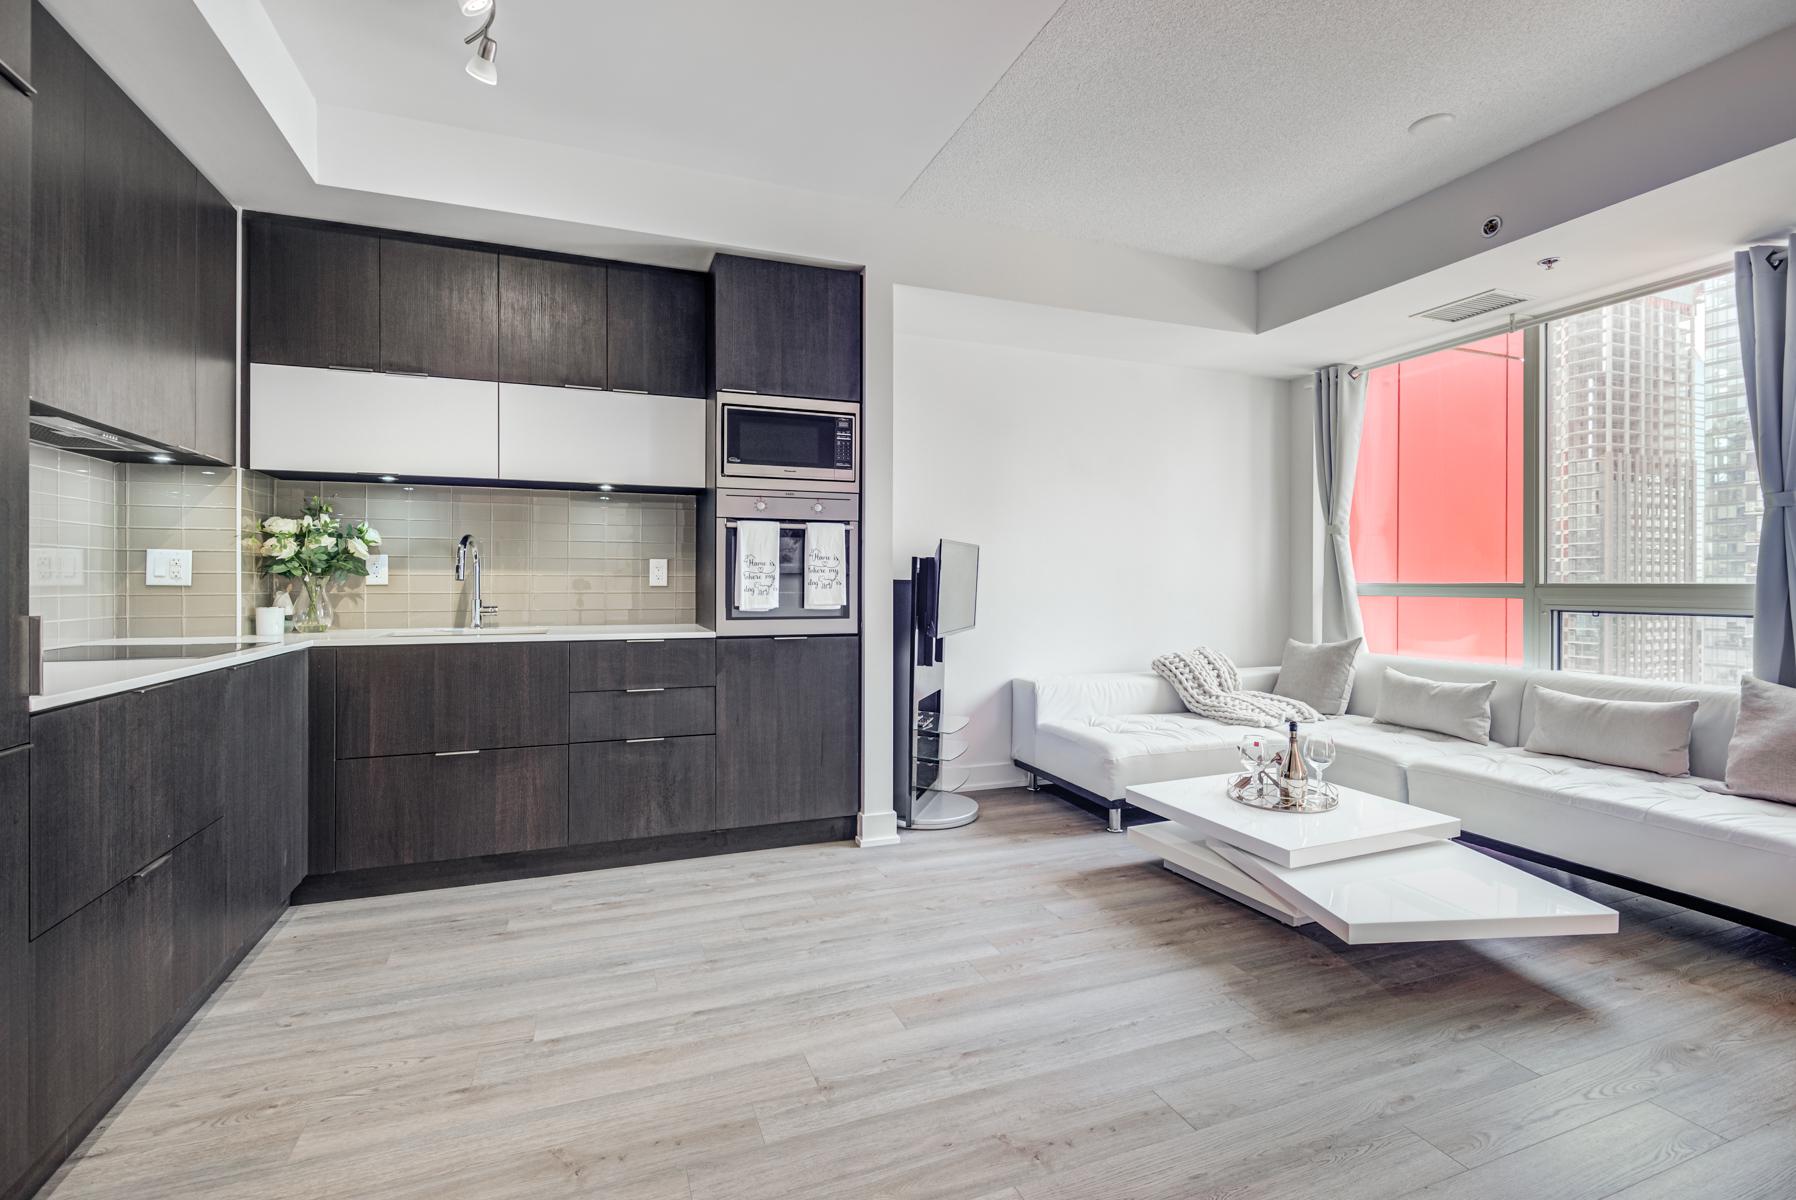 Sleek and elegant condo kitchen with dark cabinets.